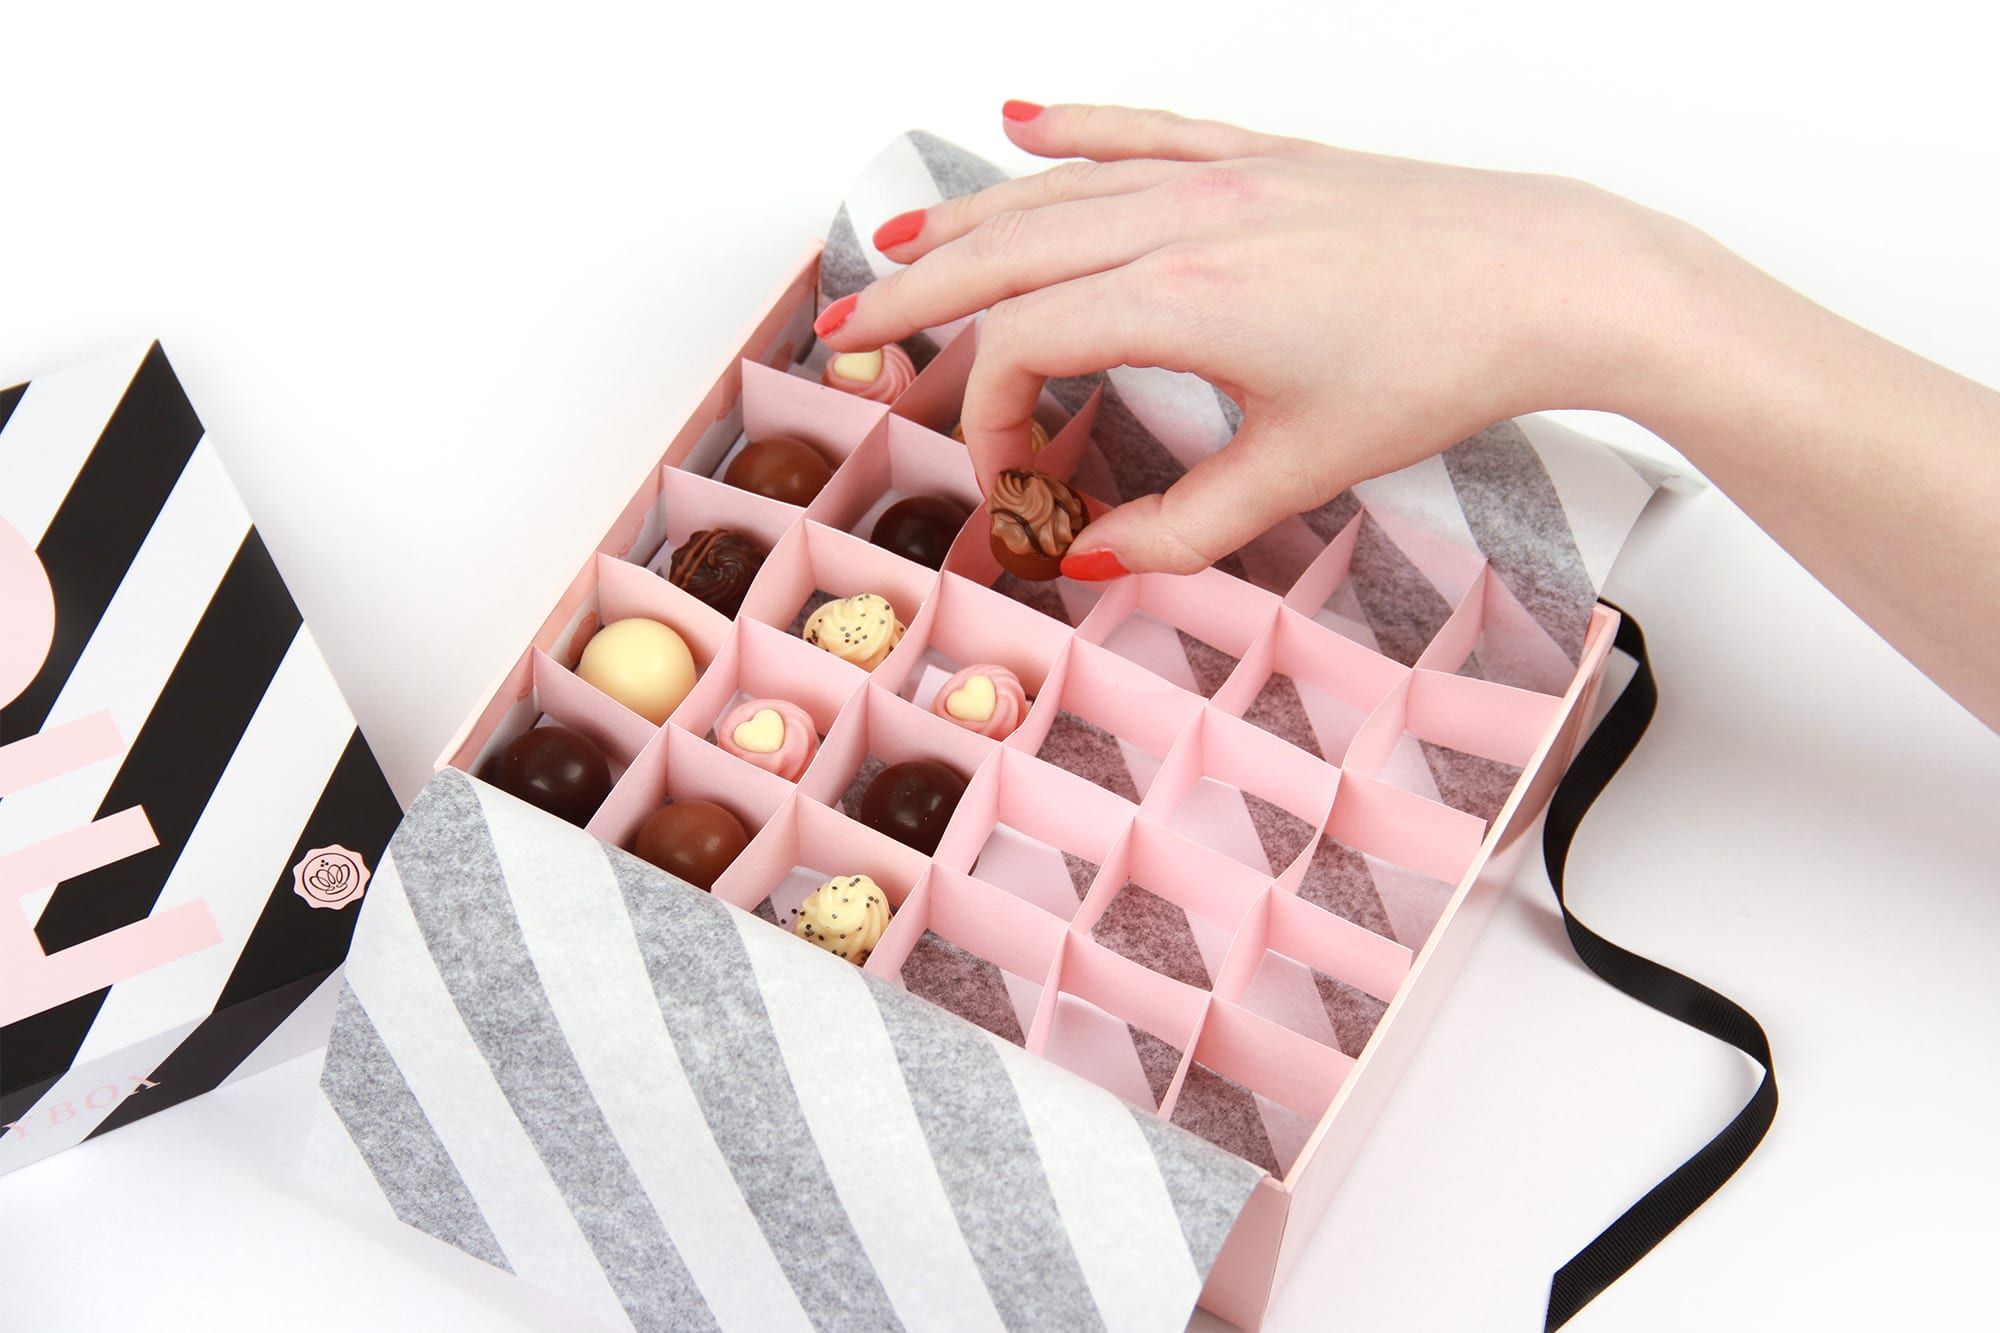 upscale-glossybox-chocolate-box-5